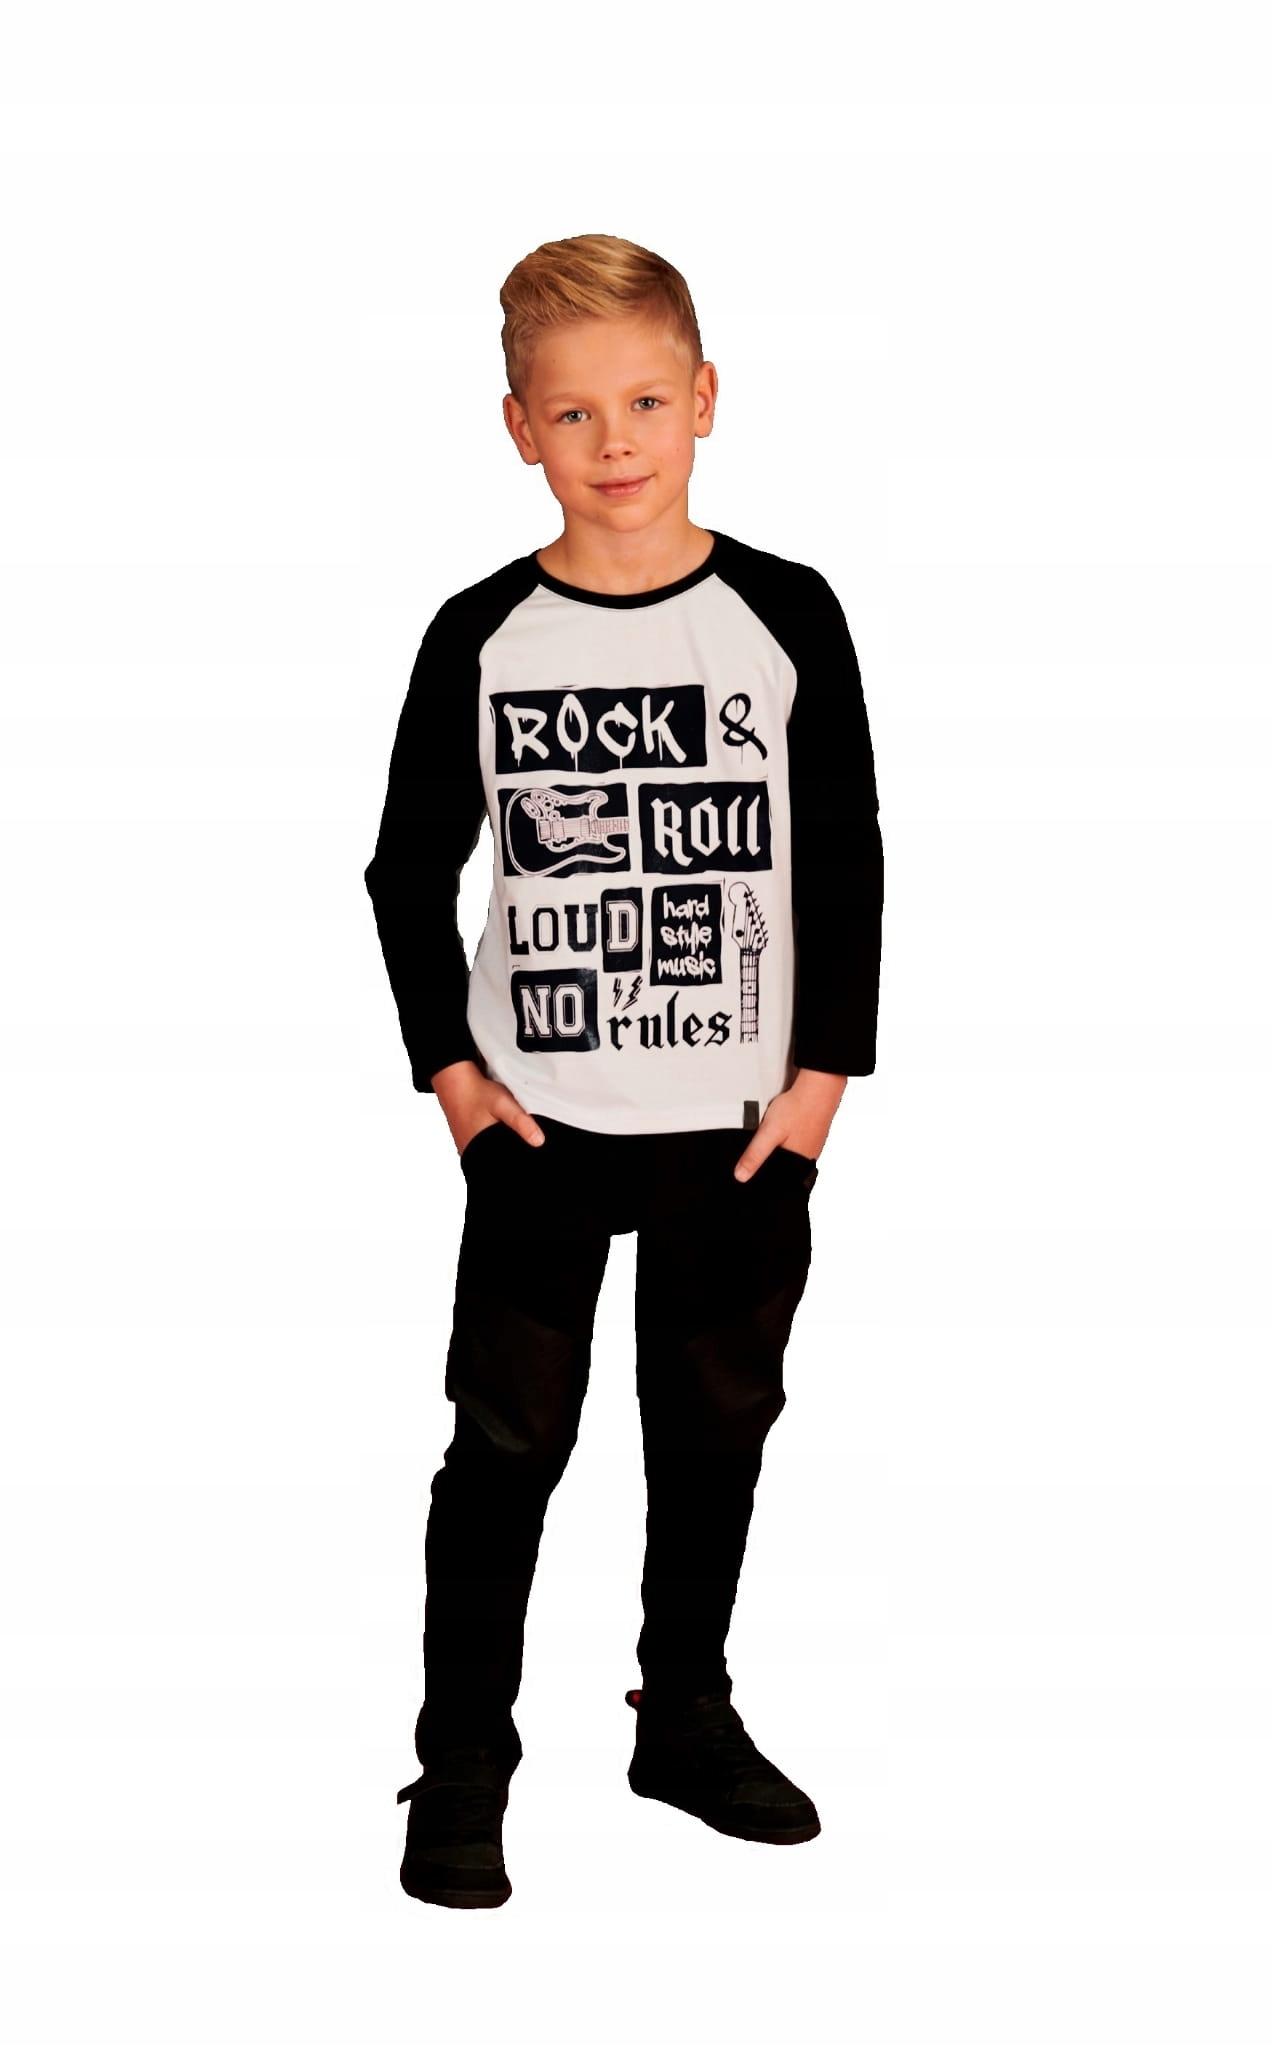 Blúzka rock biela čierna 152/158 Všetko pre deti